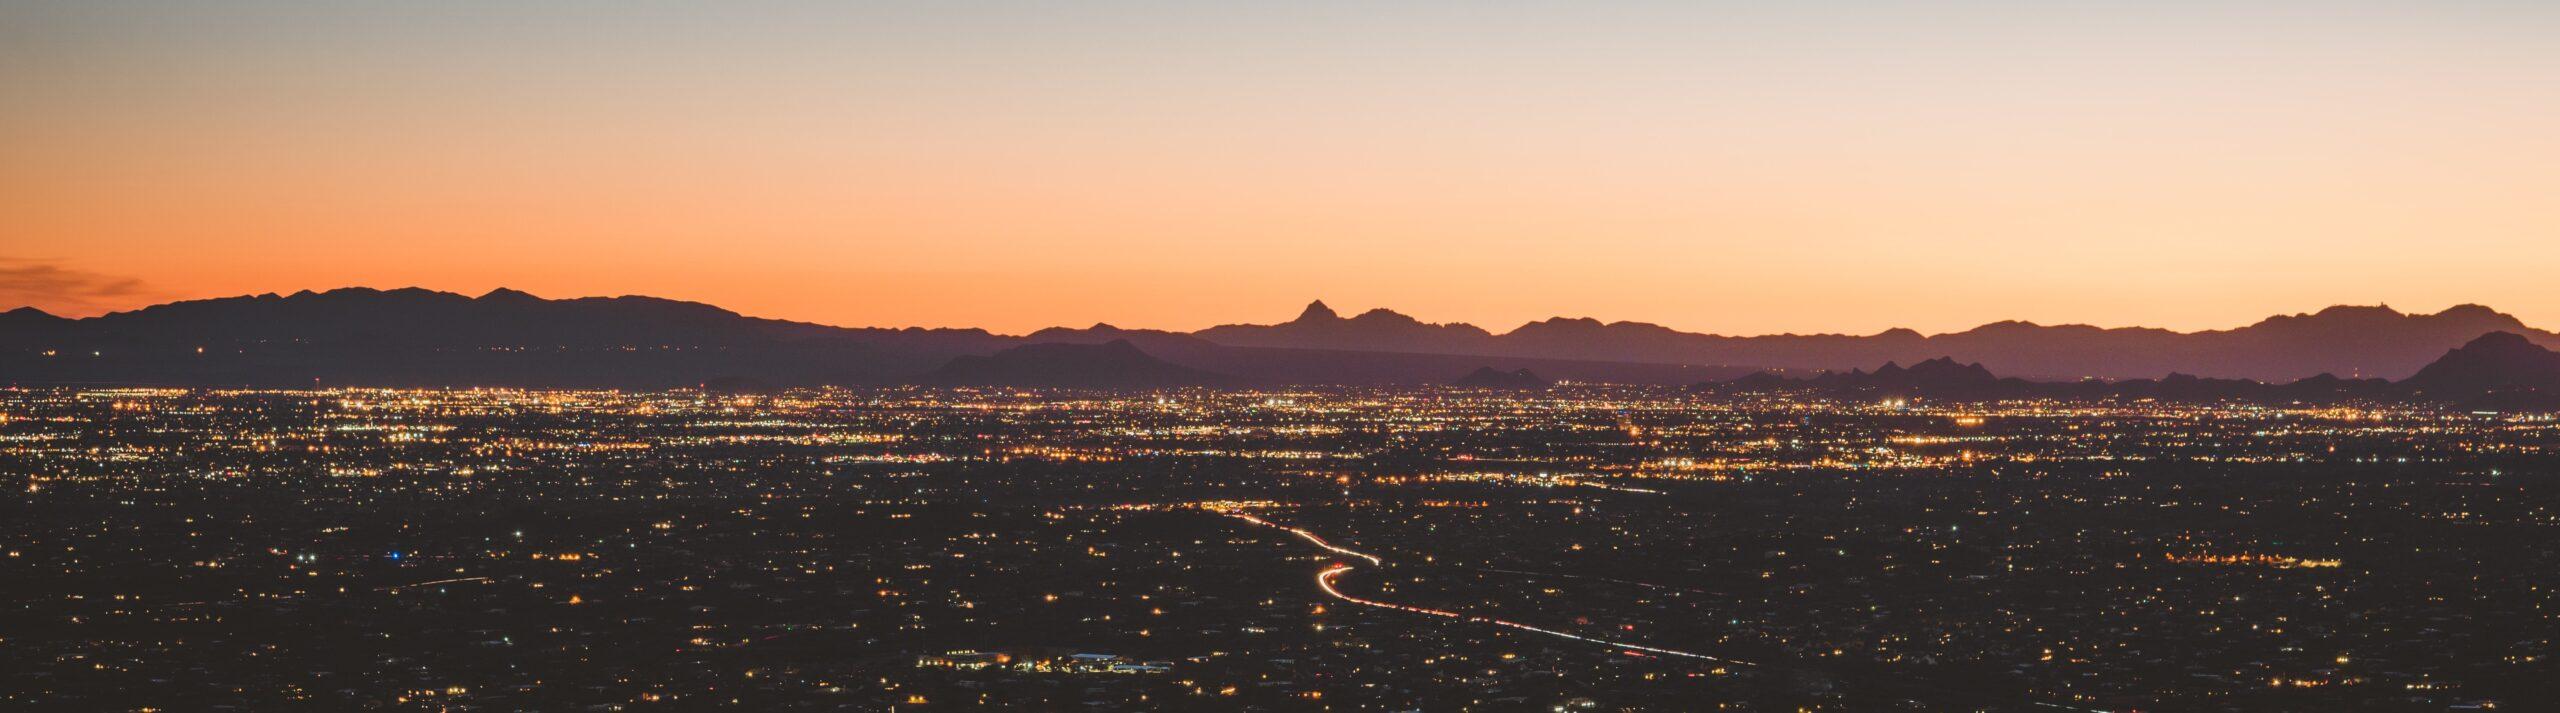 Tucson, AZ